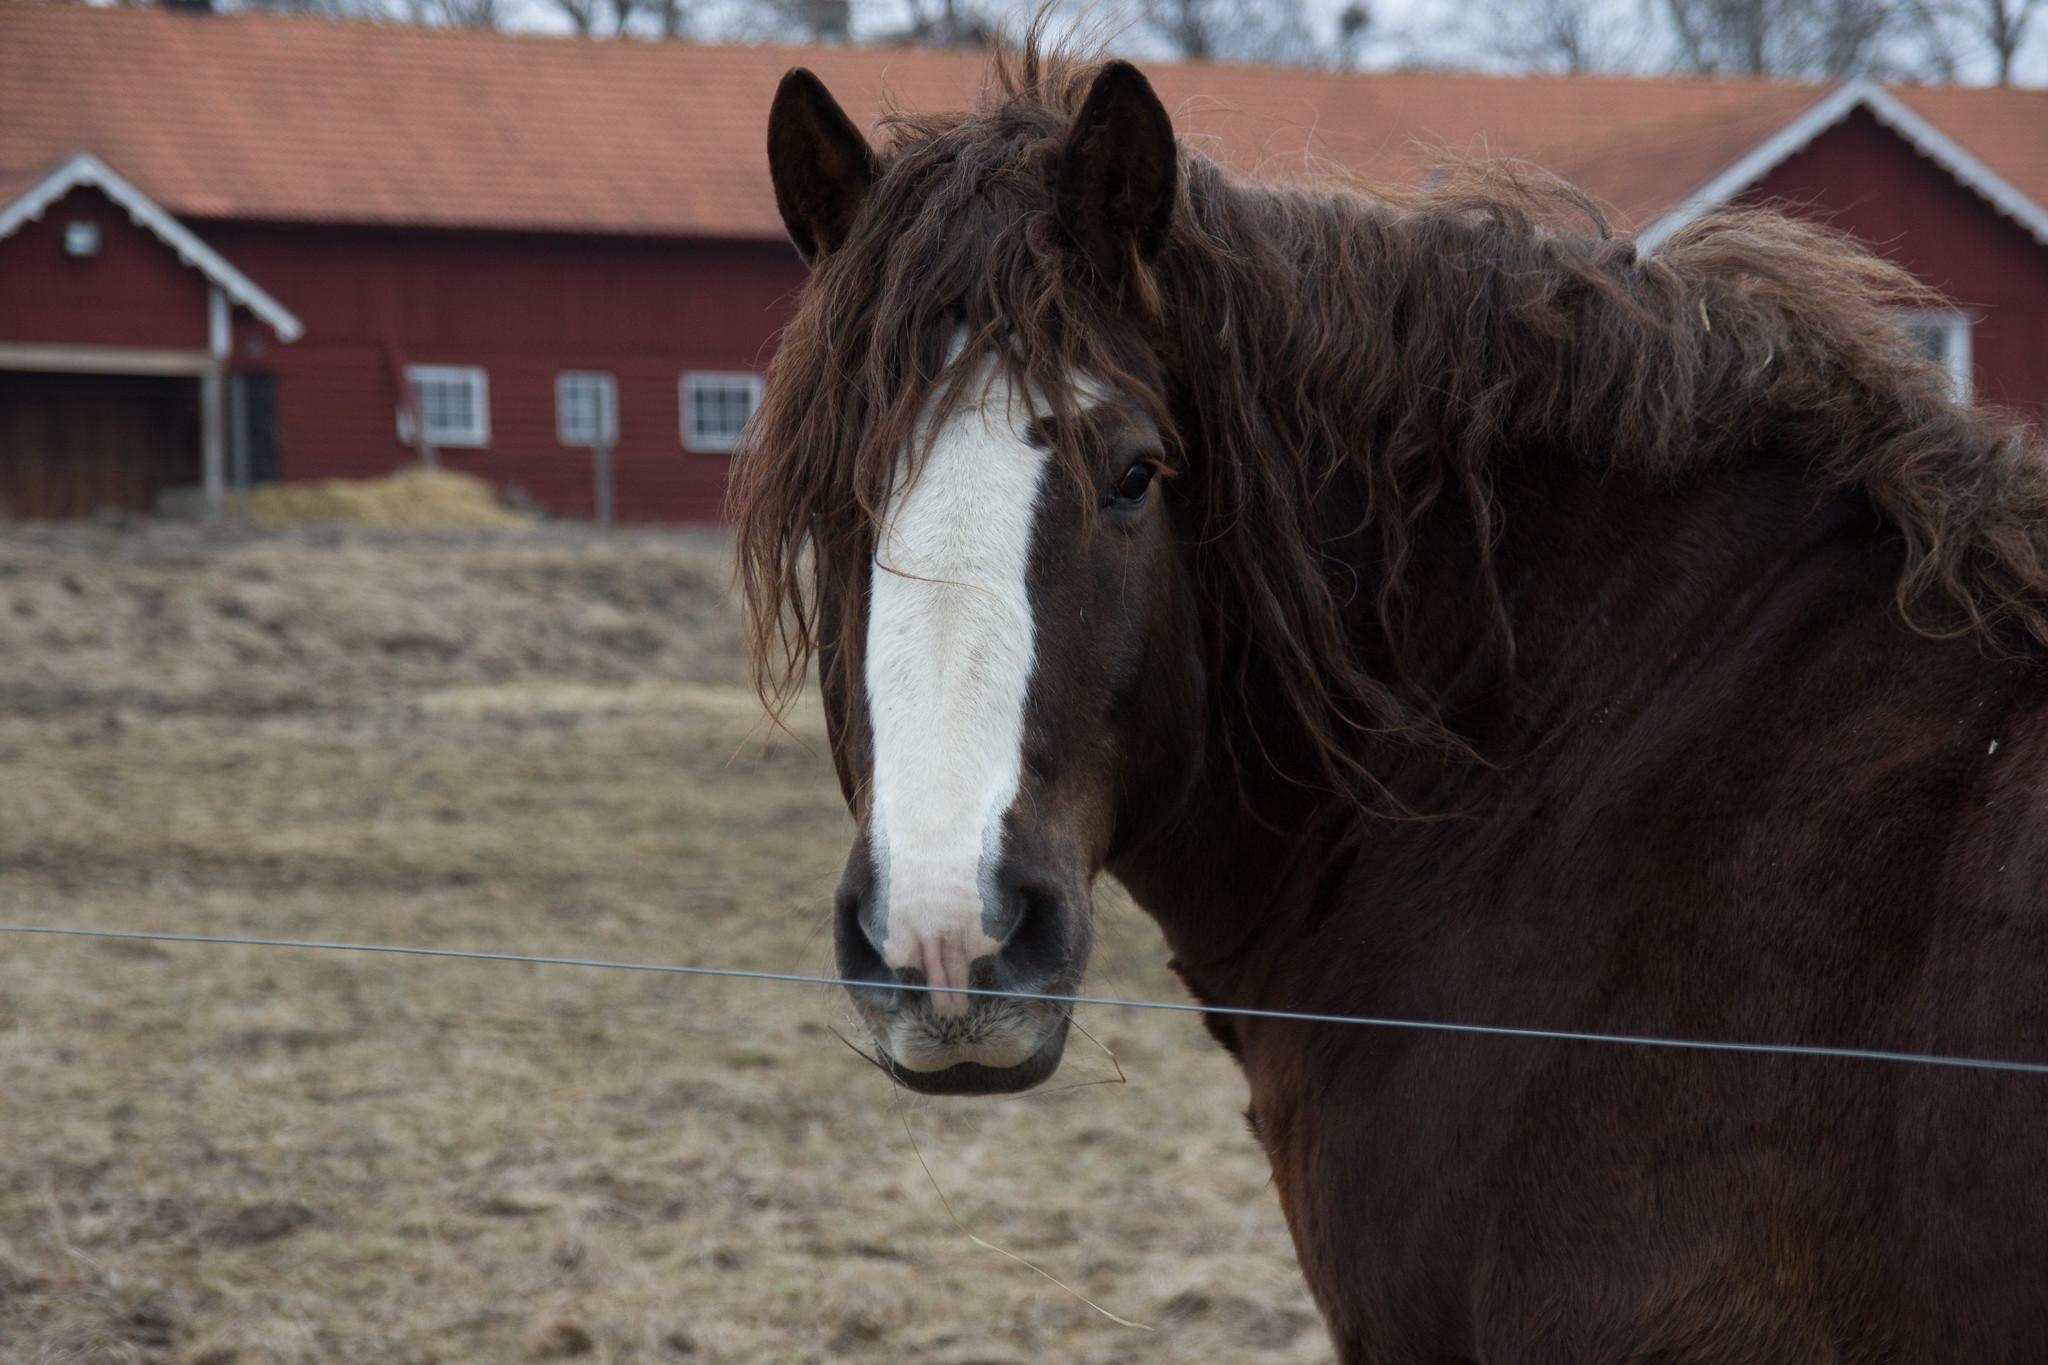 cavallo con manto arricciato curly